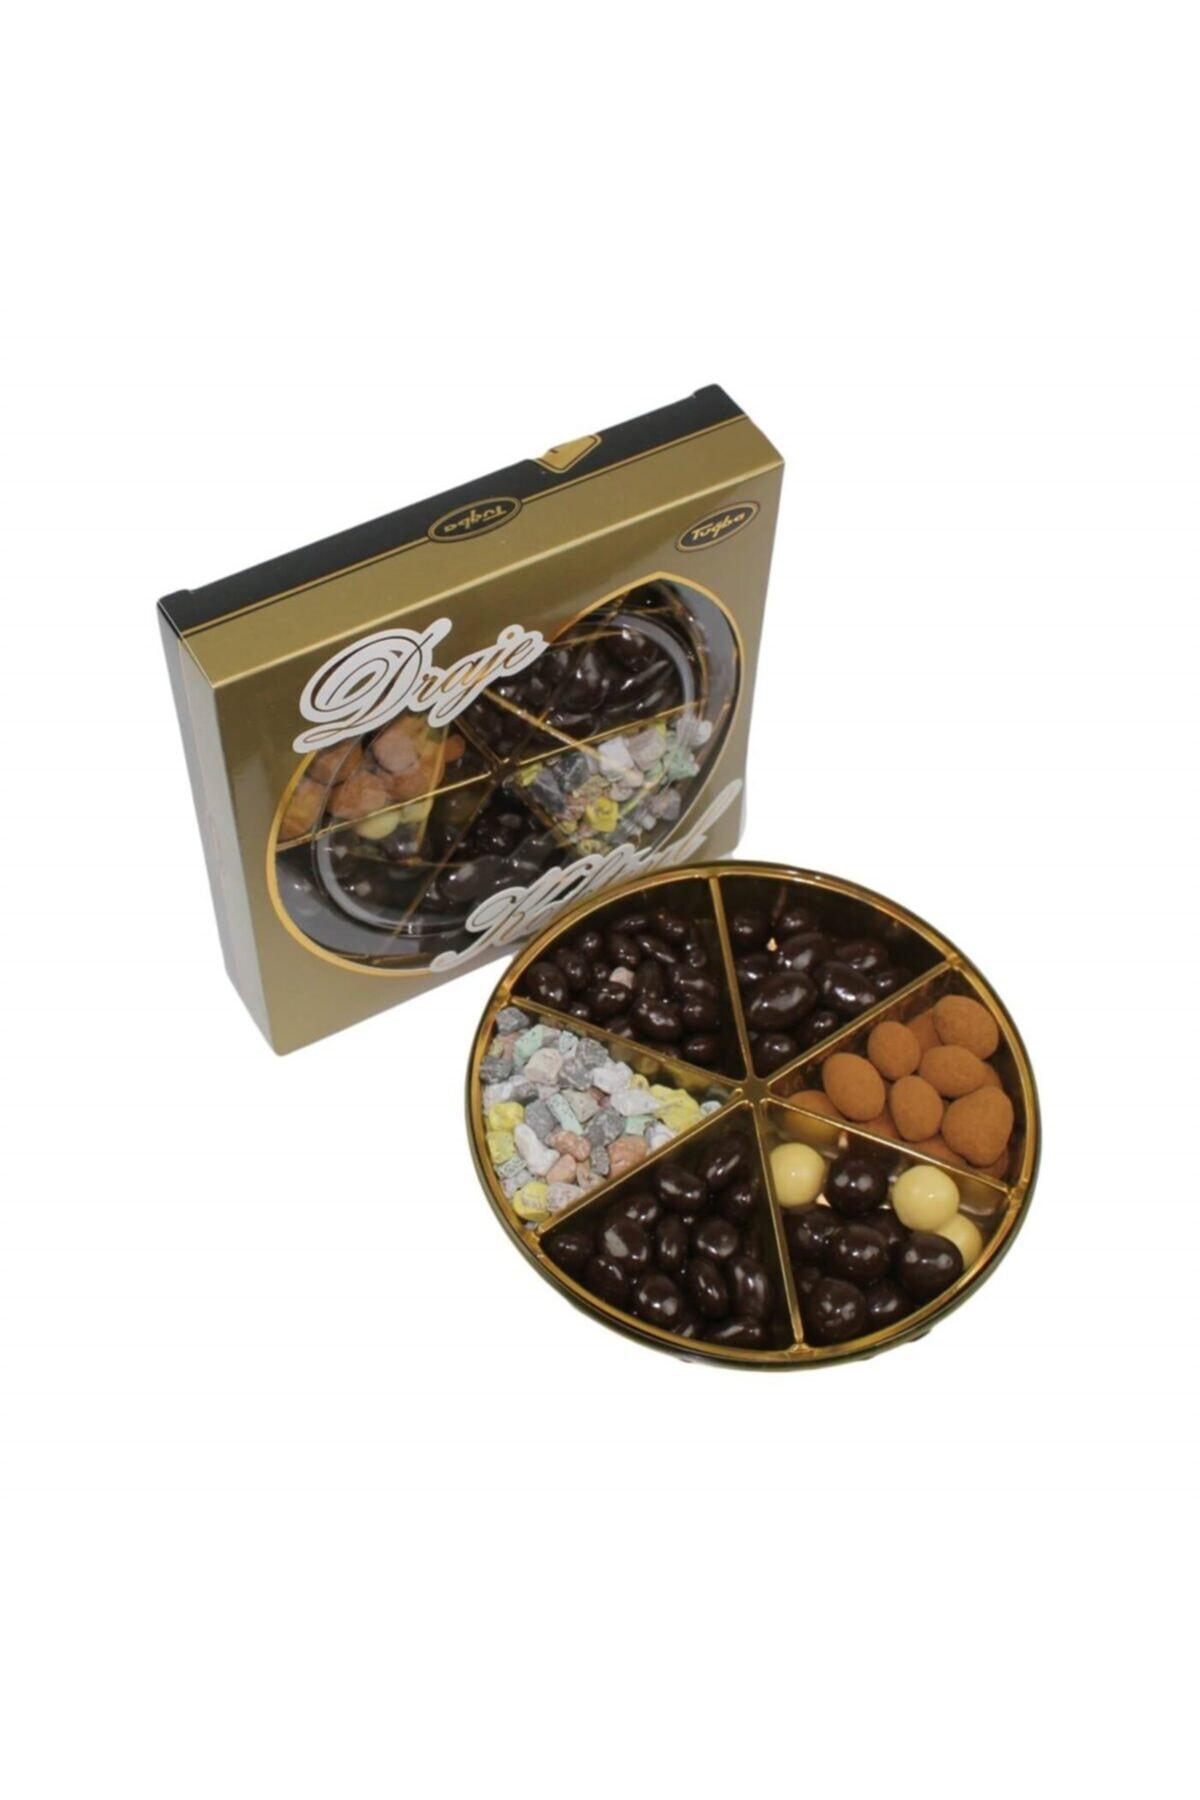 Драже, кондитерские изделия, закуска, презентация, чай с кофе, турецкий вкусный турецкий удовольствие